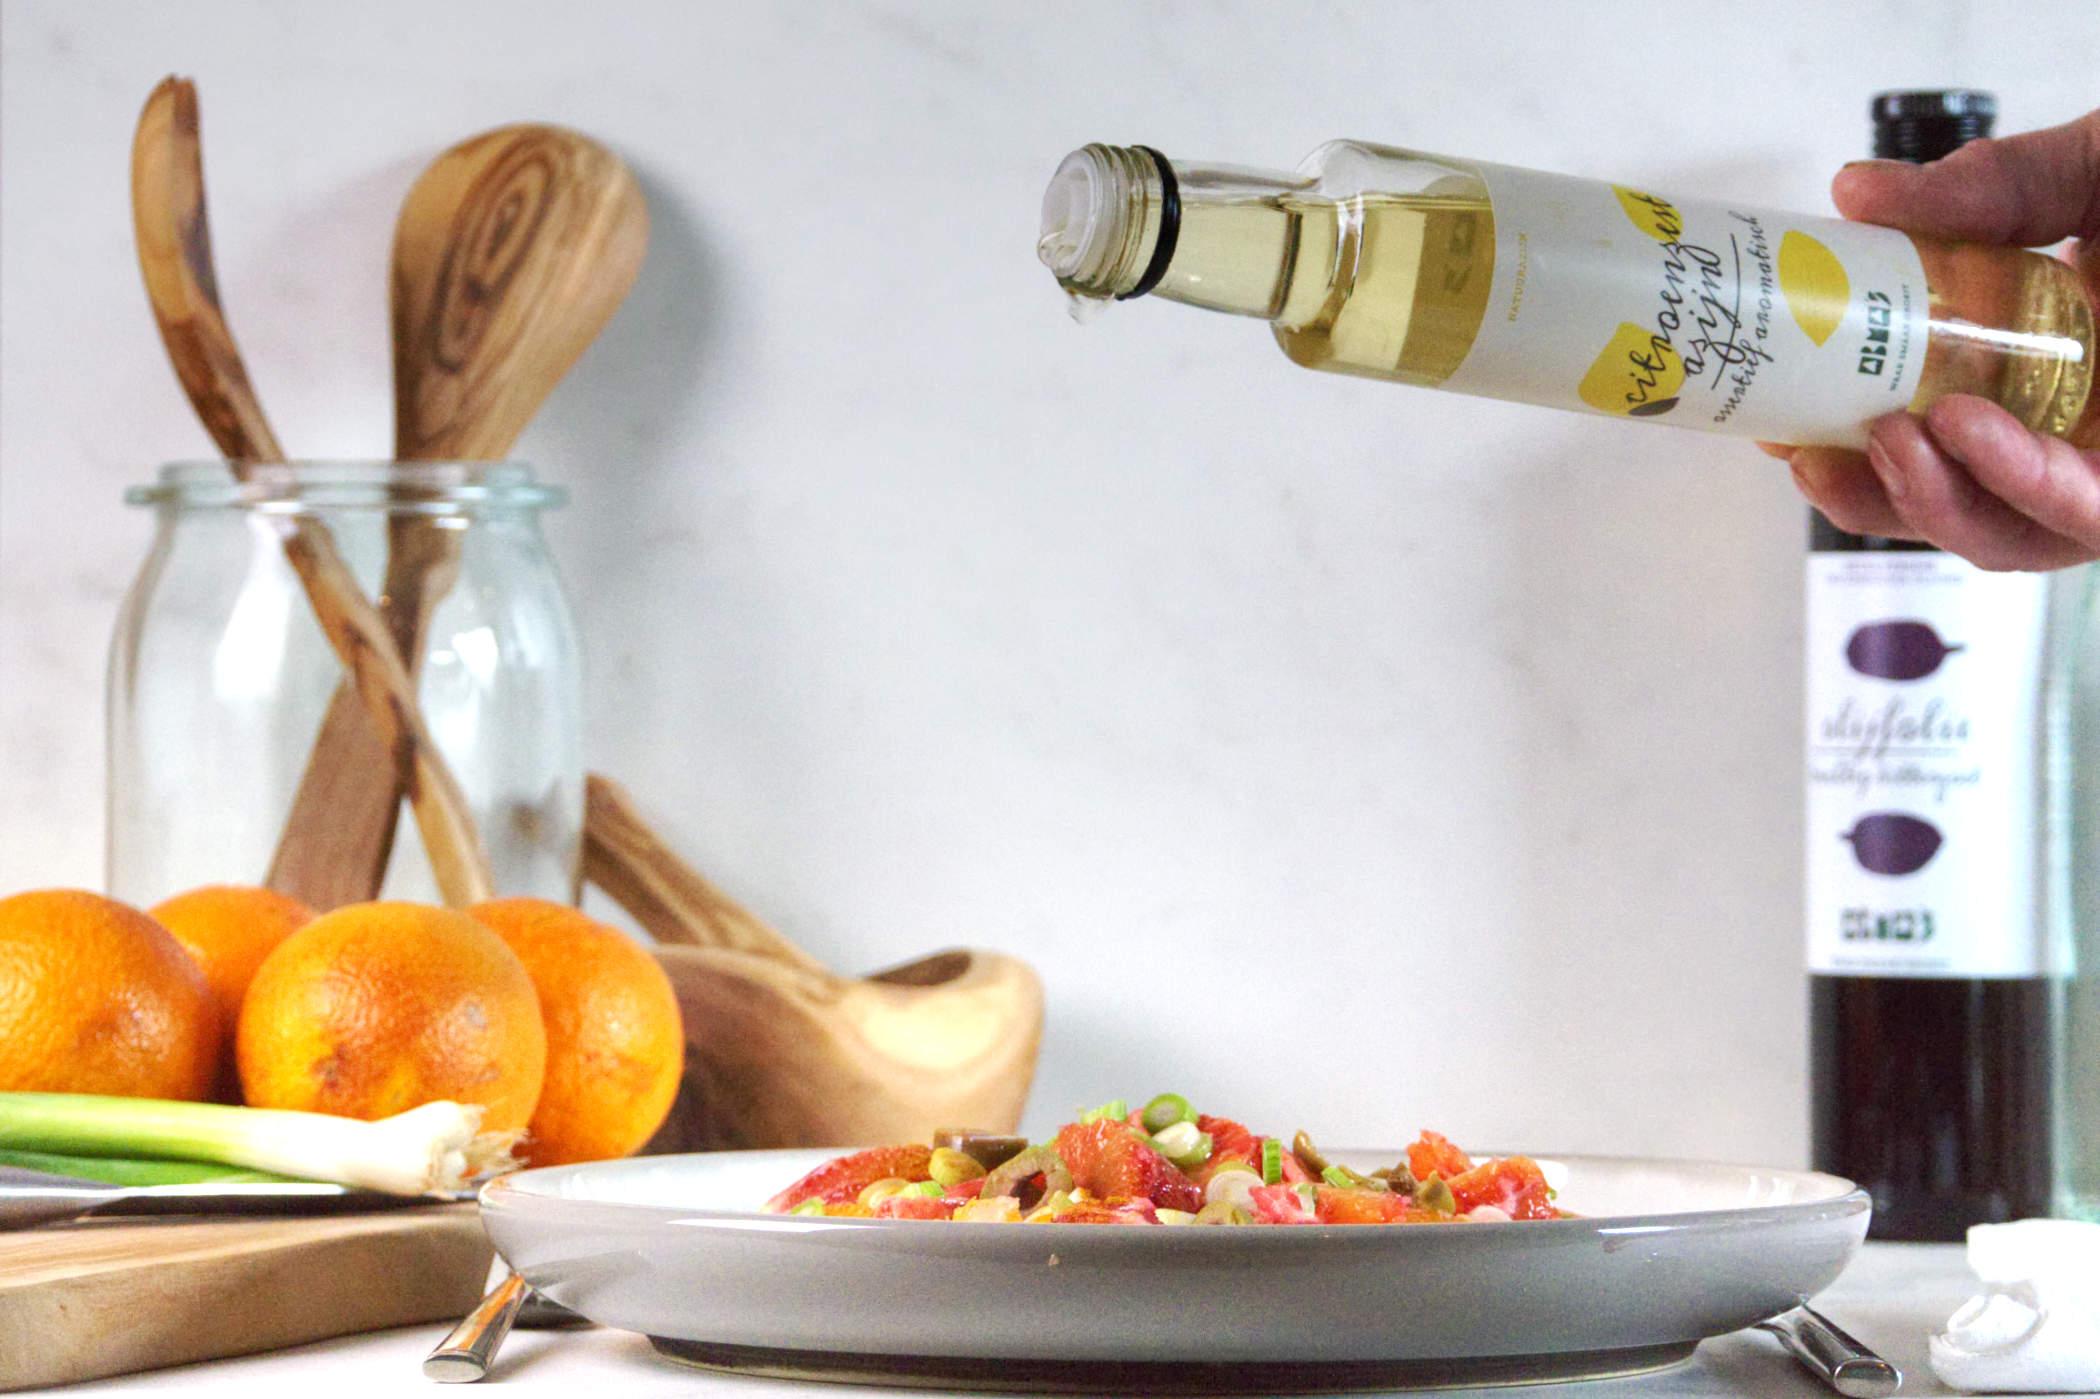 Abma's Citroenzest azijn wordt over een salade geschonken.